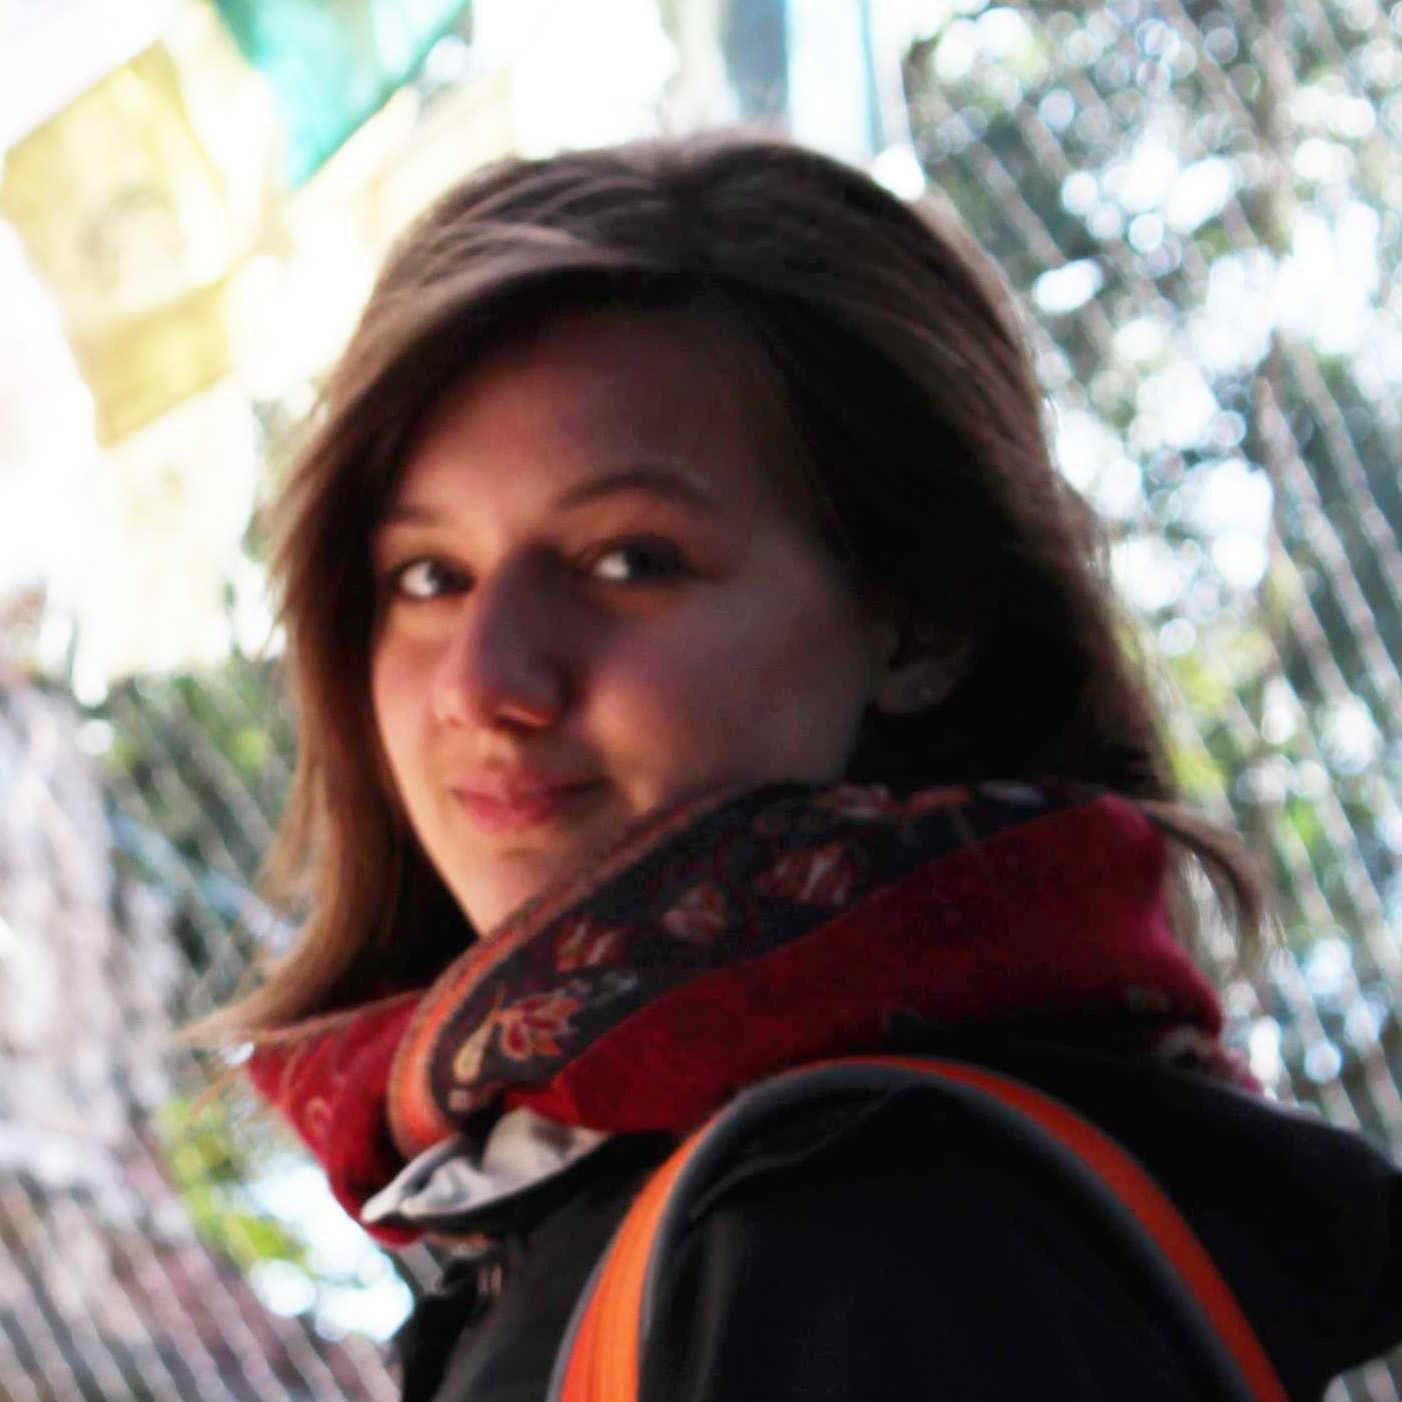 Allie Briggs